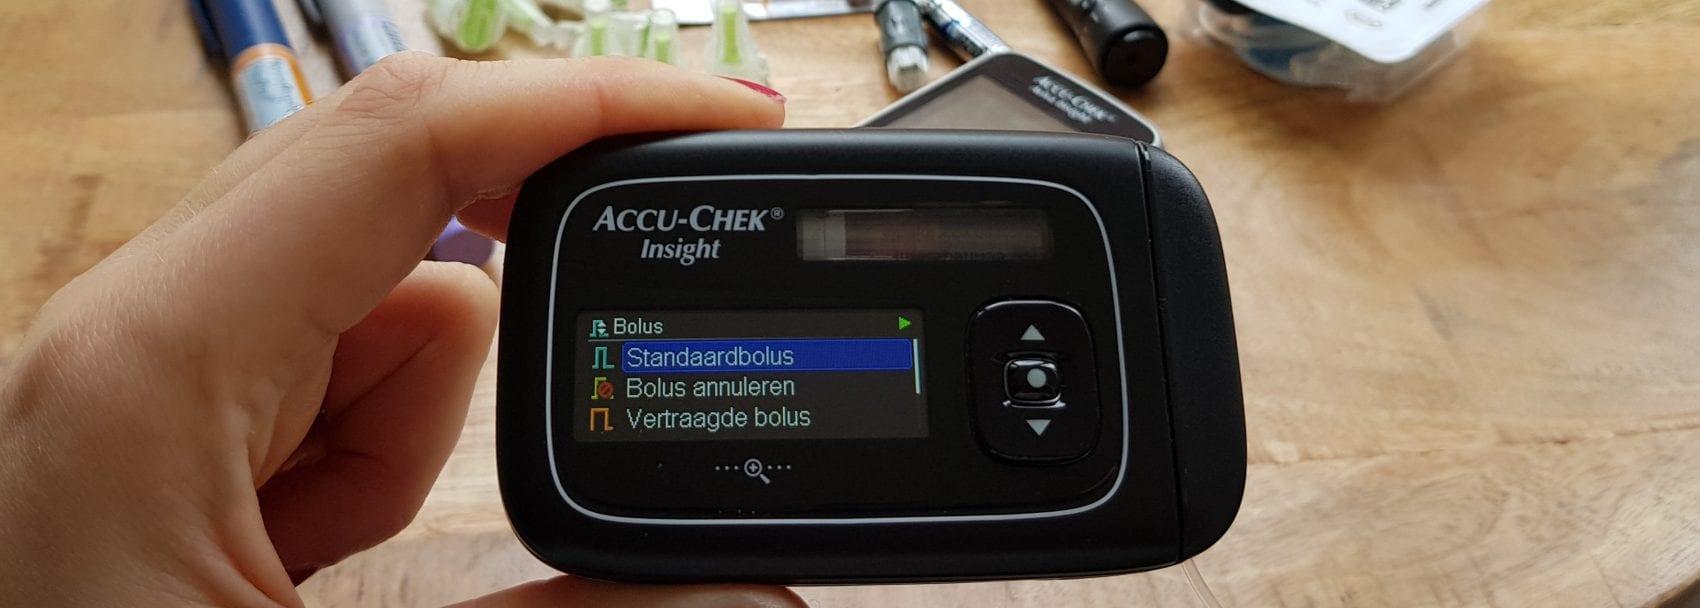 De insulinepomp: mijn ervaringen met de overstap